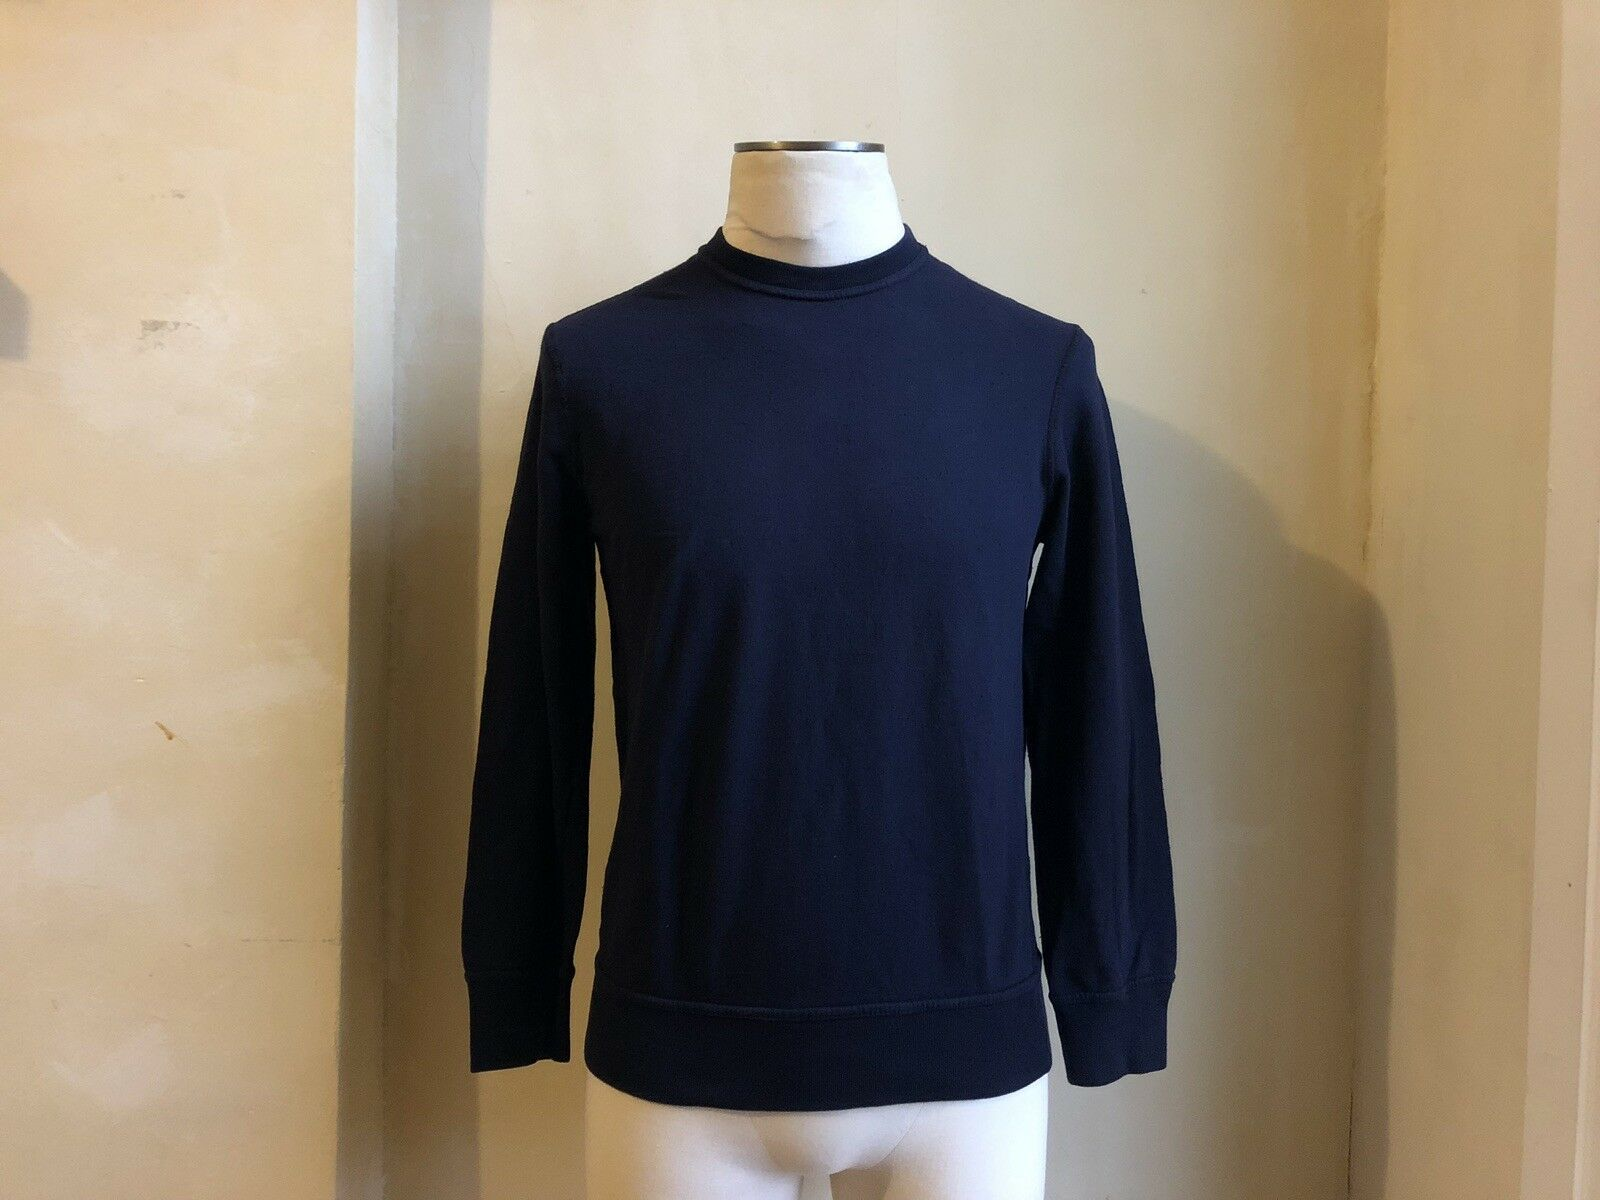 Próximamente by Yohji Yamamoto Azul Marino Sudadera Jersey  de aspecto envejecido Rara S XS  últimos estilos